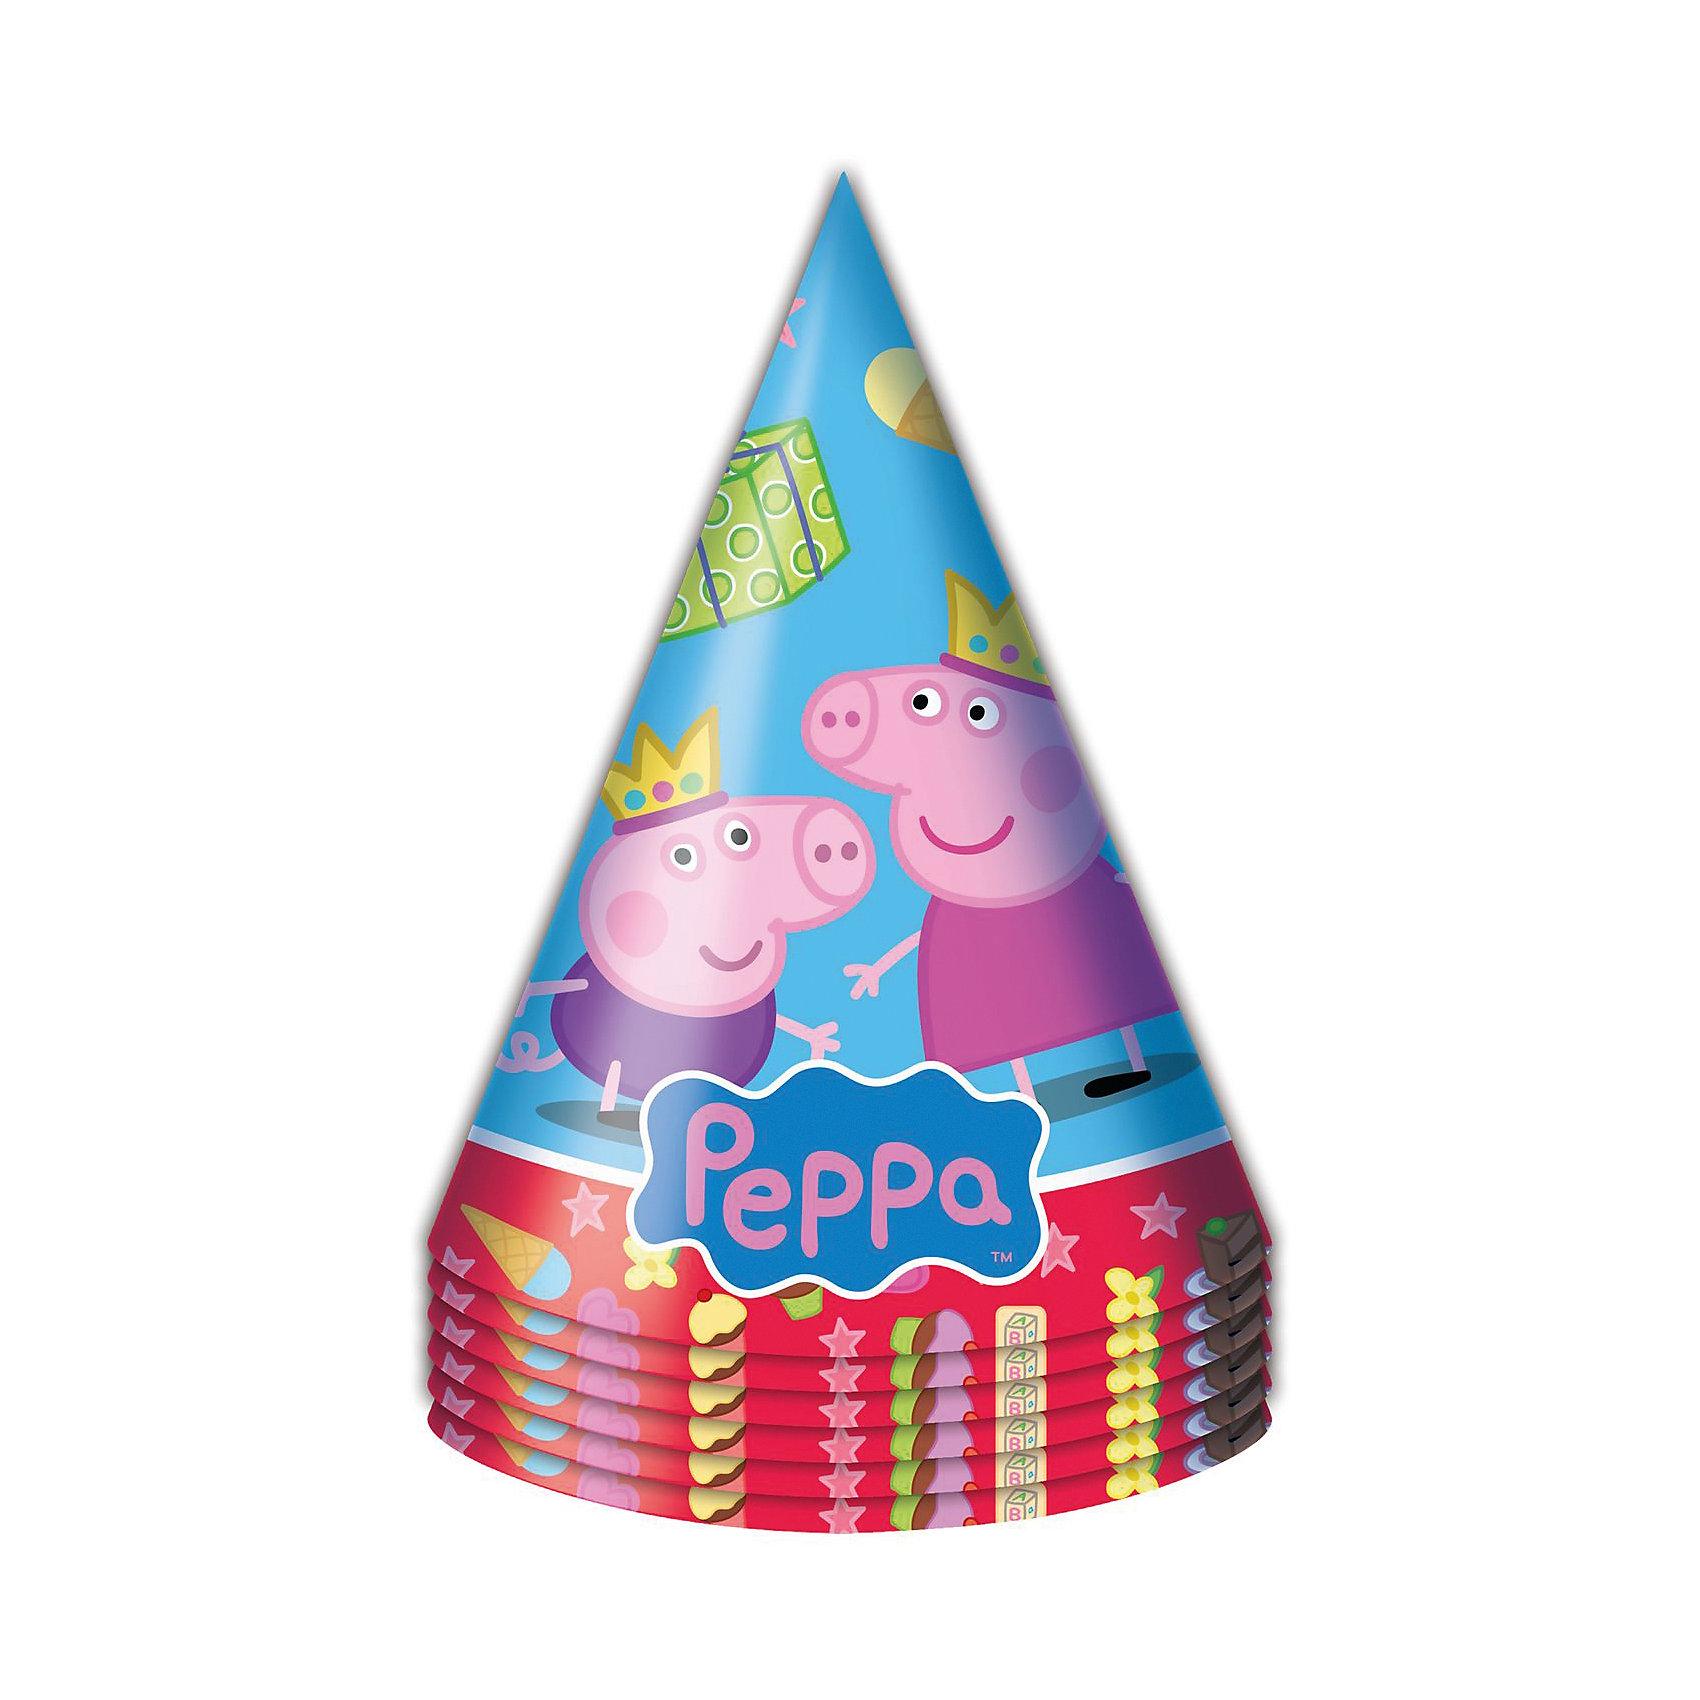 Колпачок Пеппа Принцесса 6 шт, Свинка ПеппаВсё для праздника<br>Бумажные колпачки с очаровательными героями мультфильма Свинка Пеппа ярко и весело украсят всех гостей детского праздника, поднимут всем настроение и помогут устроить множество забавных игр. А чтобы оформить торжество в едином стиле, вы также можете выбрать из данной серии бумажные стаканы, тарелки, дудочки, язычки, салфетки, полиэтиленовую скатерть, свечи, хлопушку и другое.&#13;<br>В наборе Пеппа-принцесса ТМ Свинка Пеппа 6 бумажных колпаков на резинках с ярким, привлекательным принтом. Товар сертифицирован. Упаковка - пакет с хедером.<br><br>Ширина мм: 100<br>Глубина мм: 100<br>Высота мм: 165<br>Вес г: 50<br>Возраст от месяцев: 36<br>Возраст до месяцев: 108<br>Пол: Унисекс<br>Возраст: Детский<br>SKU: 5076634